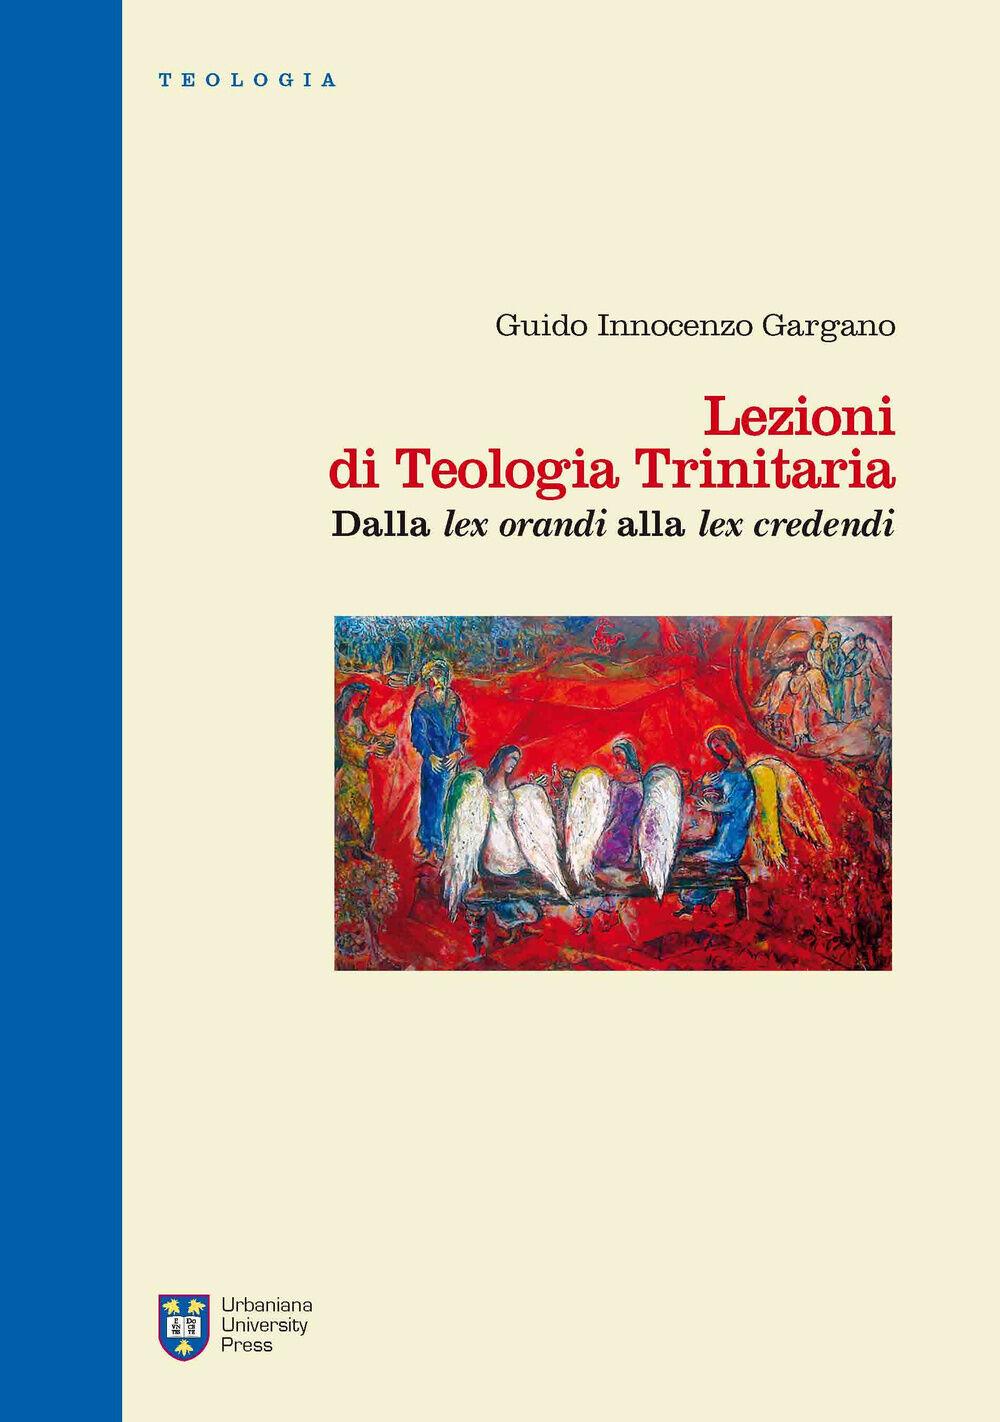 Lezioni di teologia trinitaria. Vol. 1: Dalla Lex orandi alla Lex credendi.